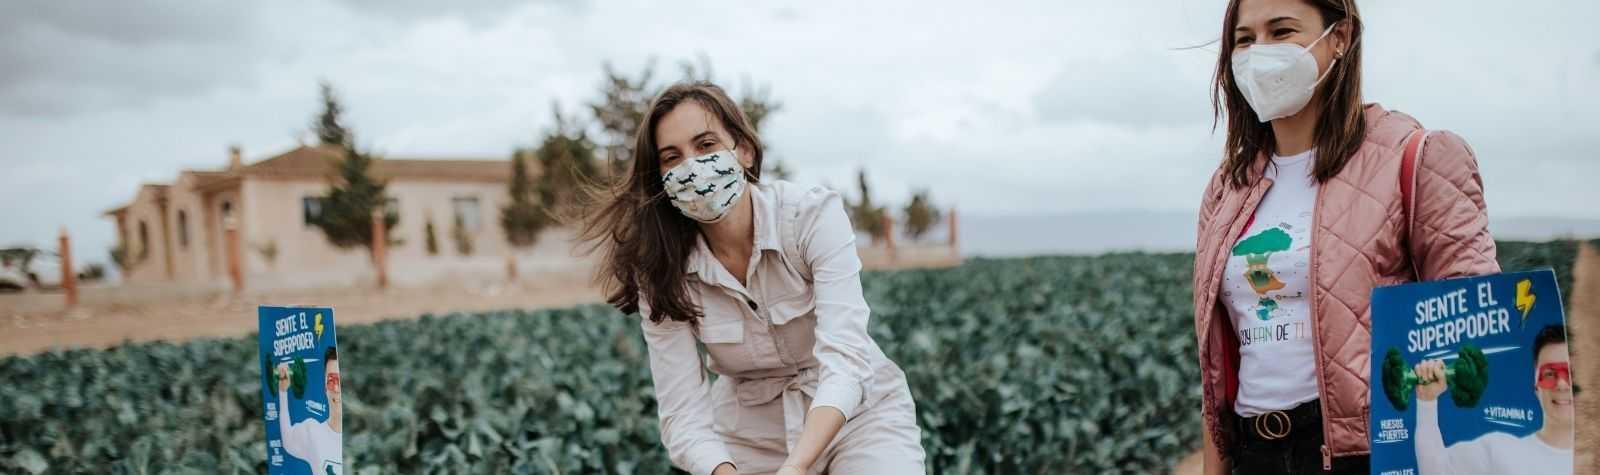 Boticaria García inaugura desde Murcia la campaña de brócoli de invierno